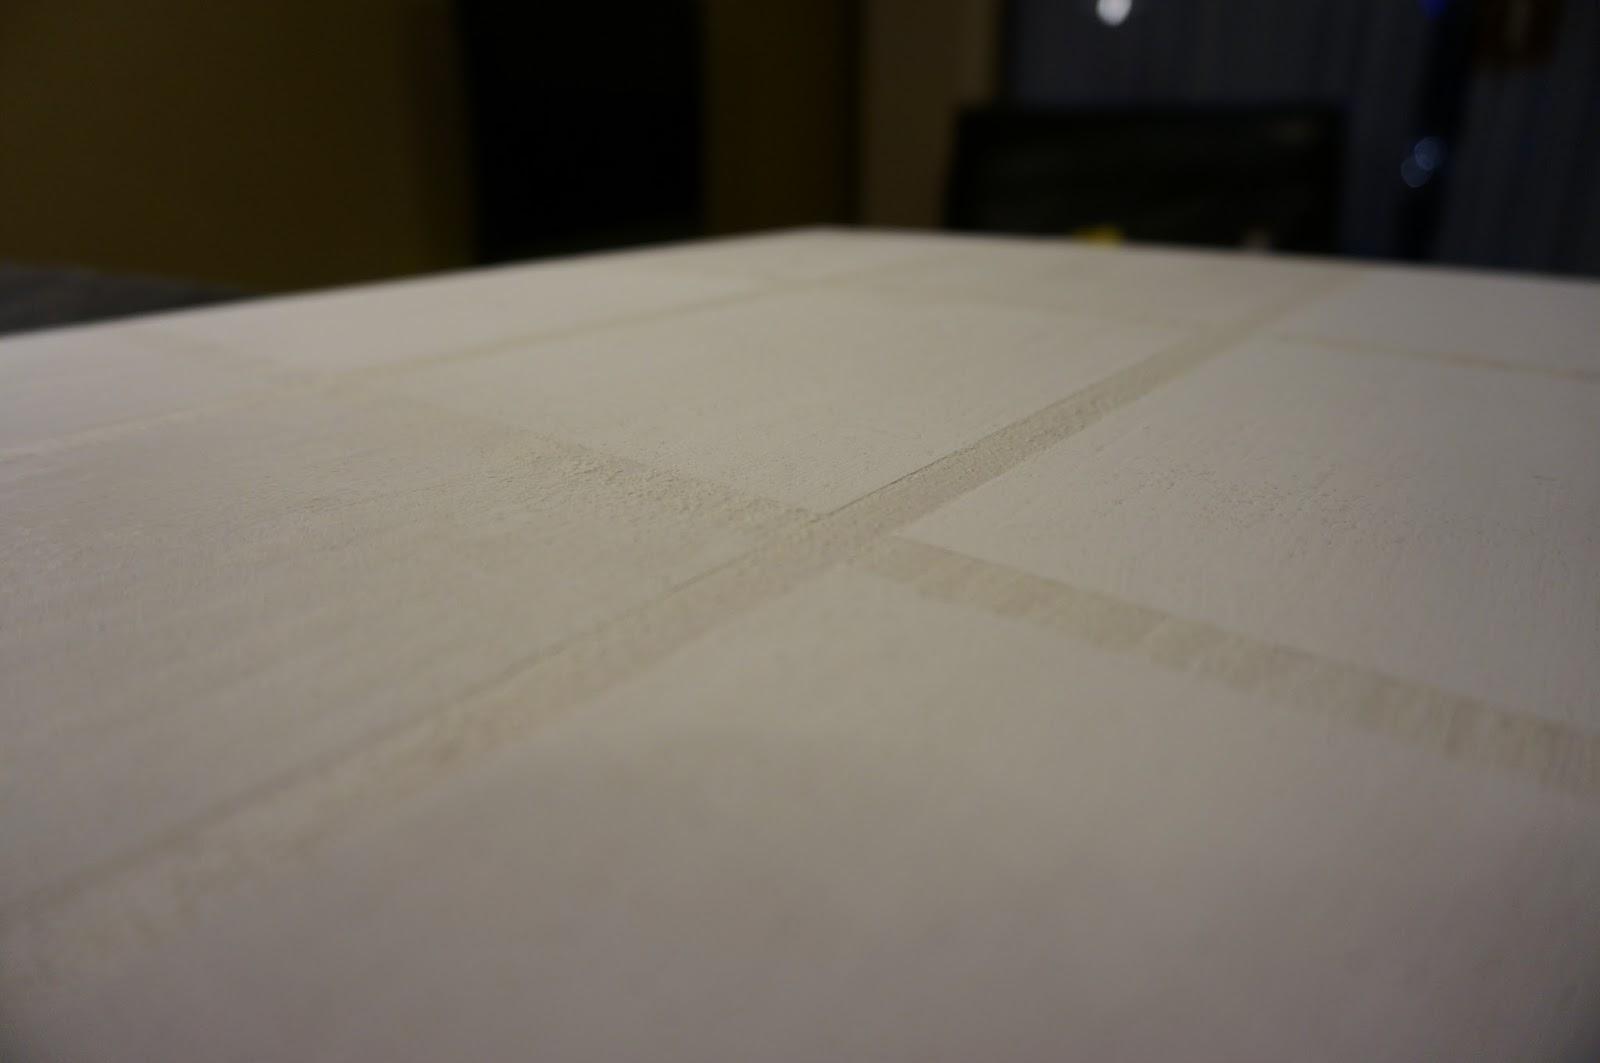 Platte%2Bschr%25C3%25A4g - Tapete Fur Unebenen Untergrund